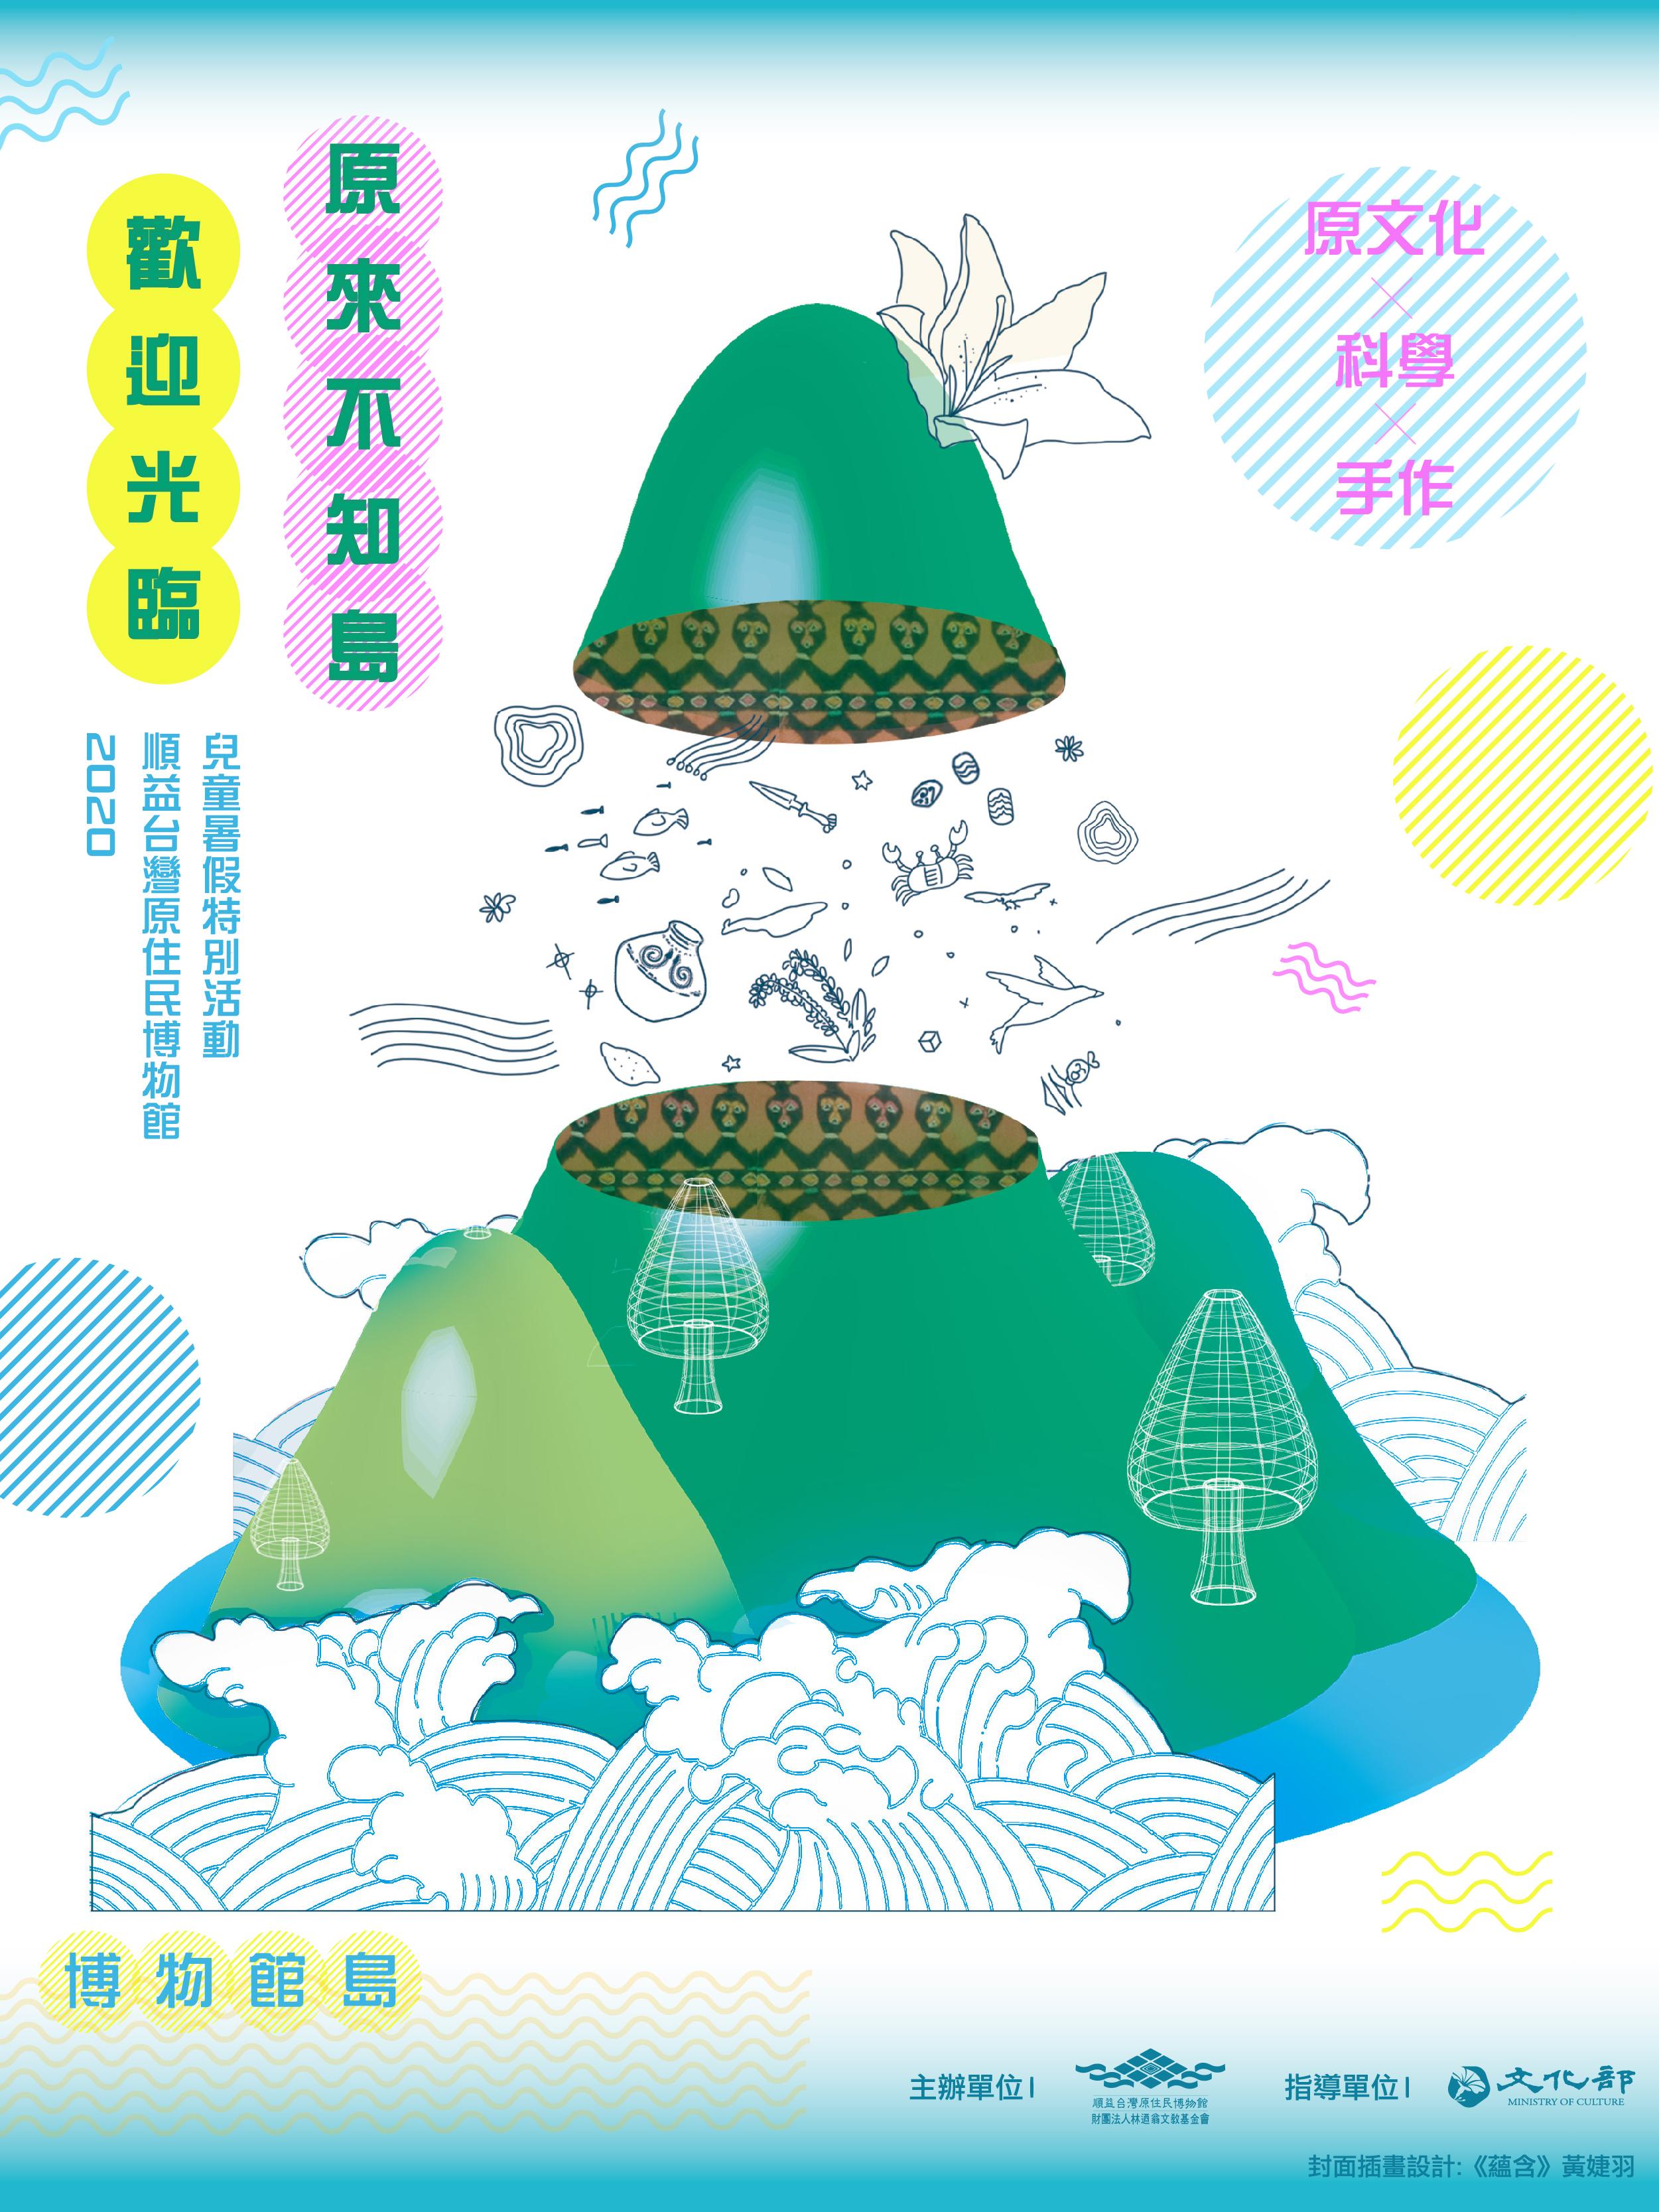 2020『歡迎光臨,原來不知島!』兒童暑假特別活動